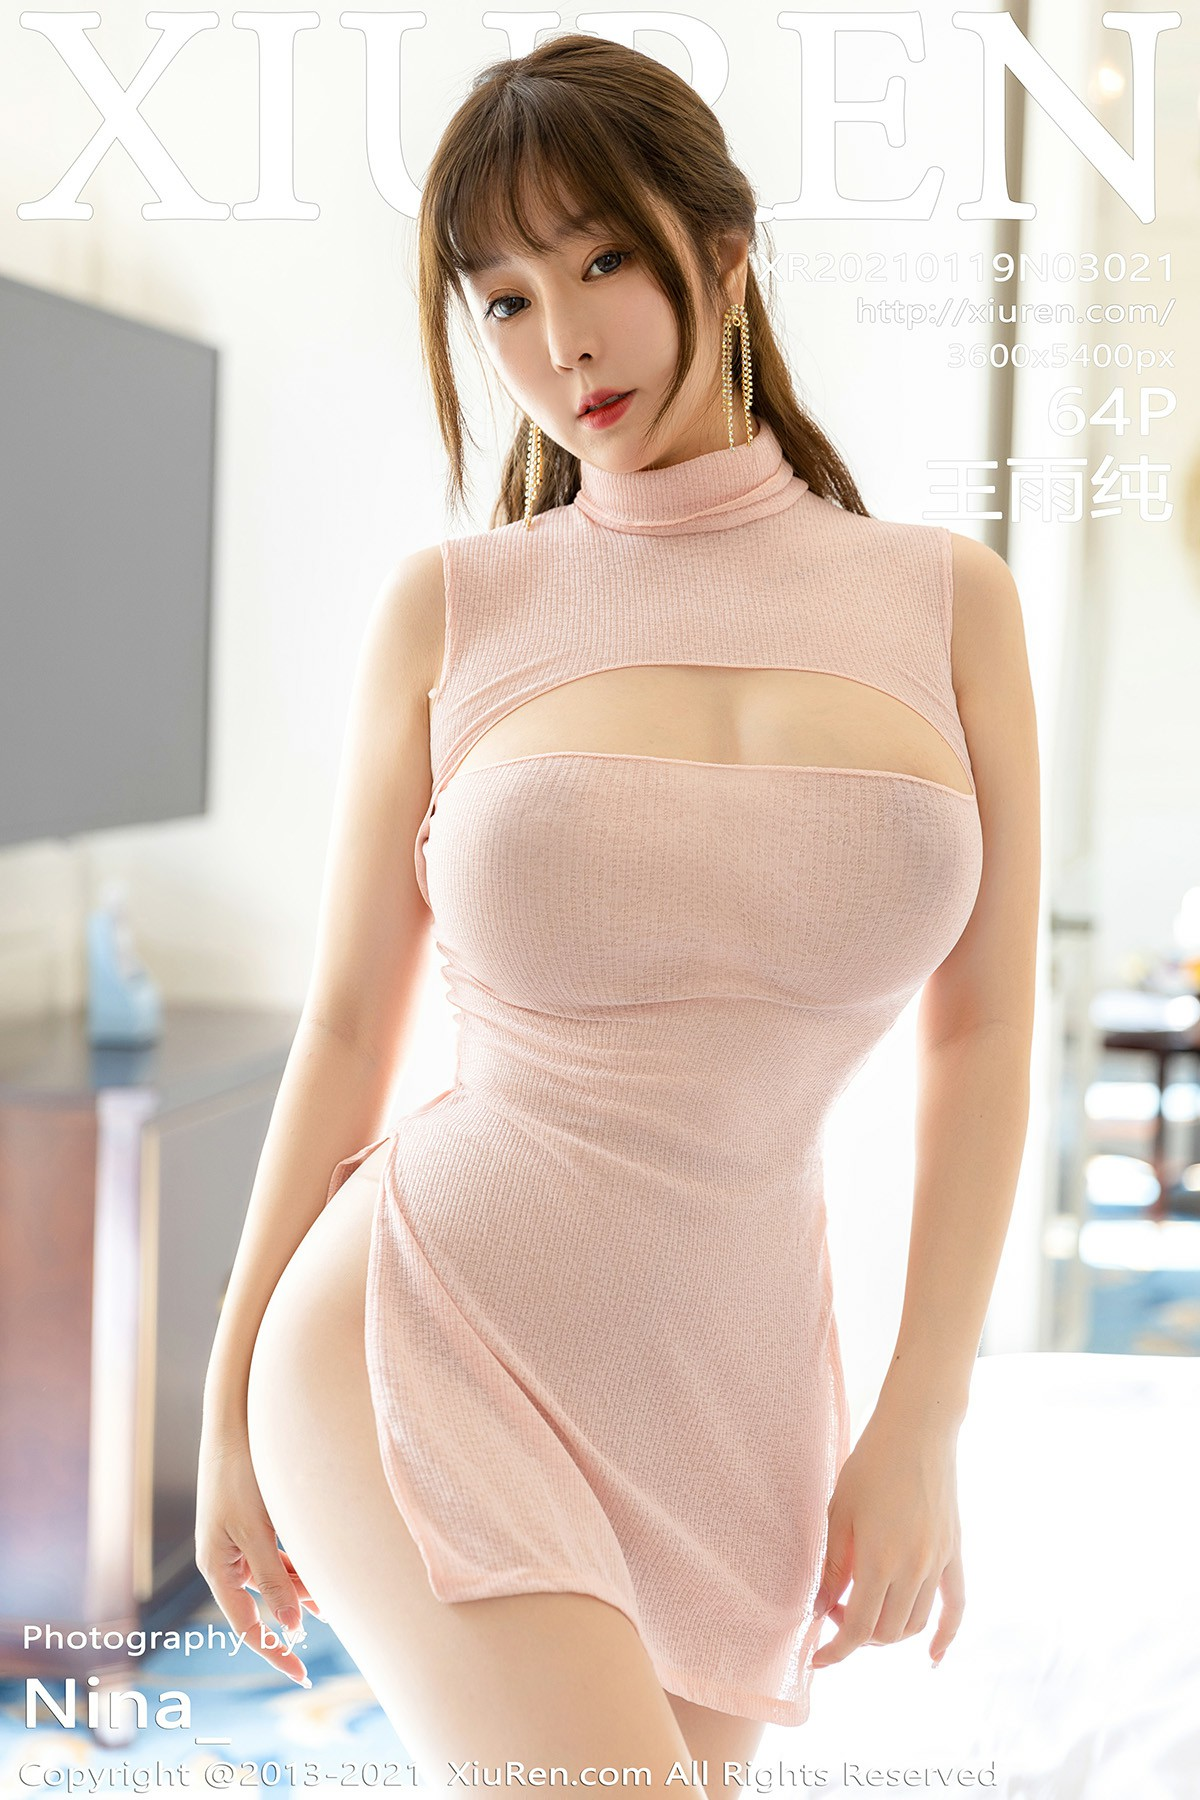 [XiuRen秀人网] 2021.01.19 No.3021 王雨纯